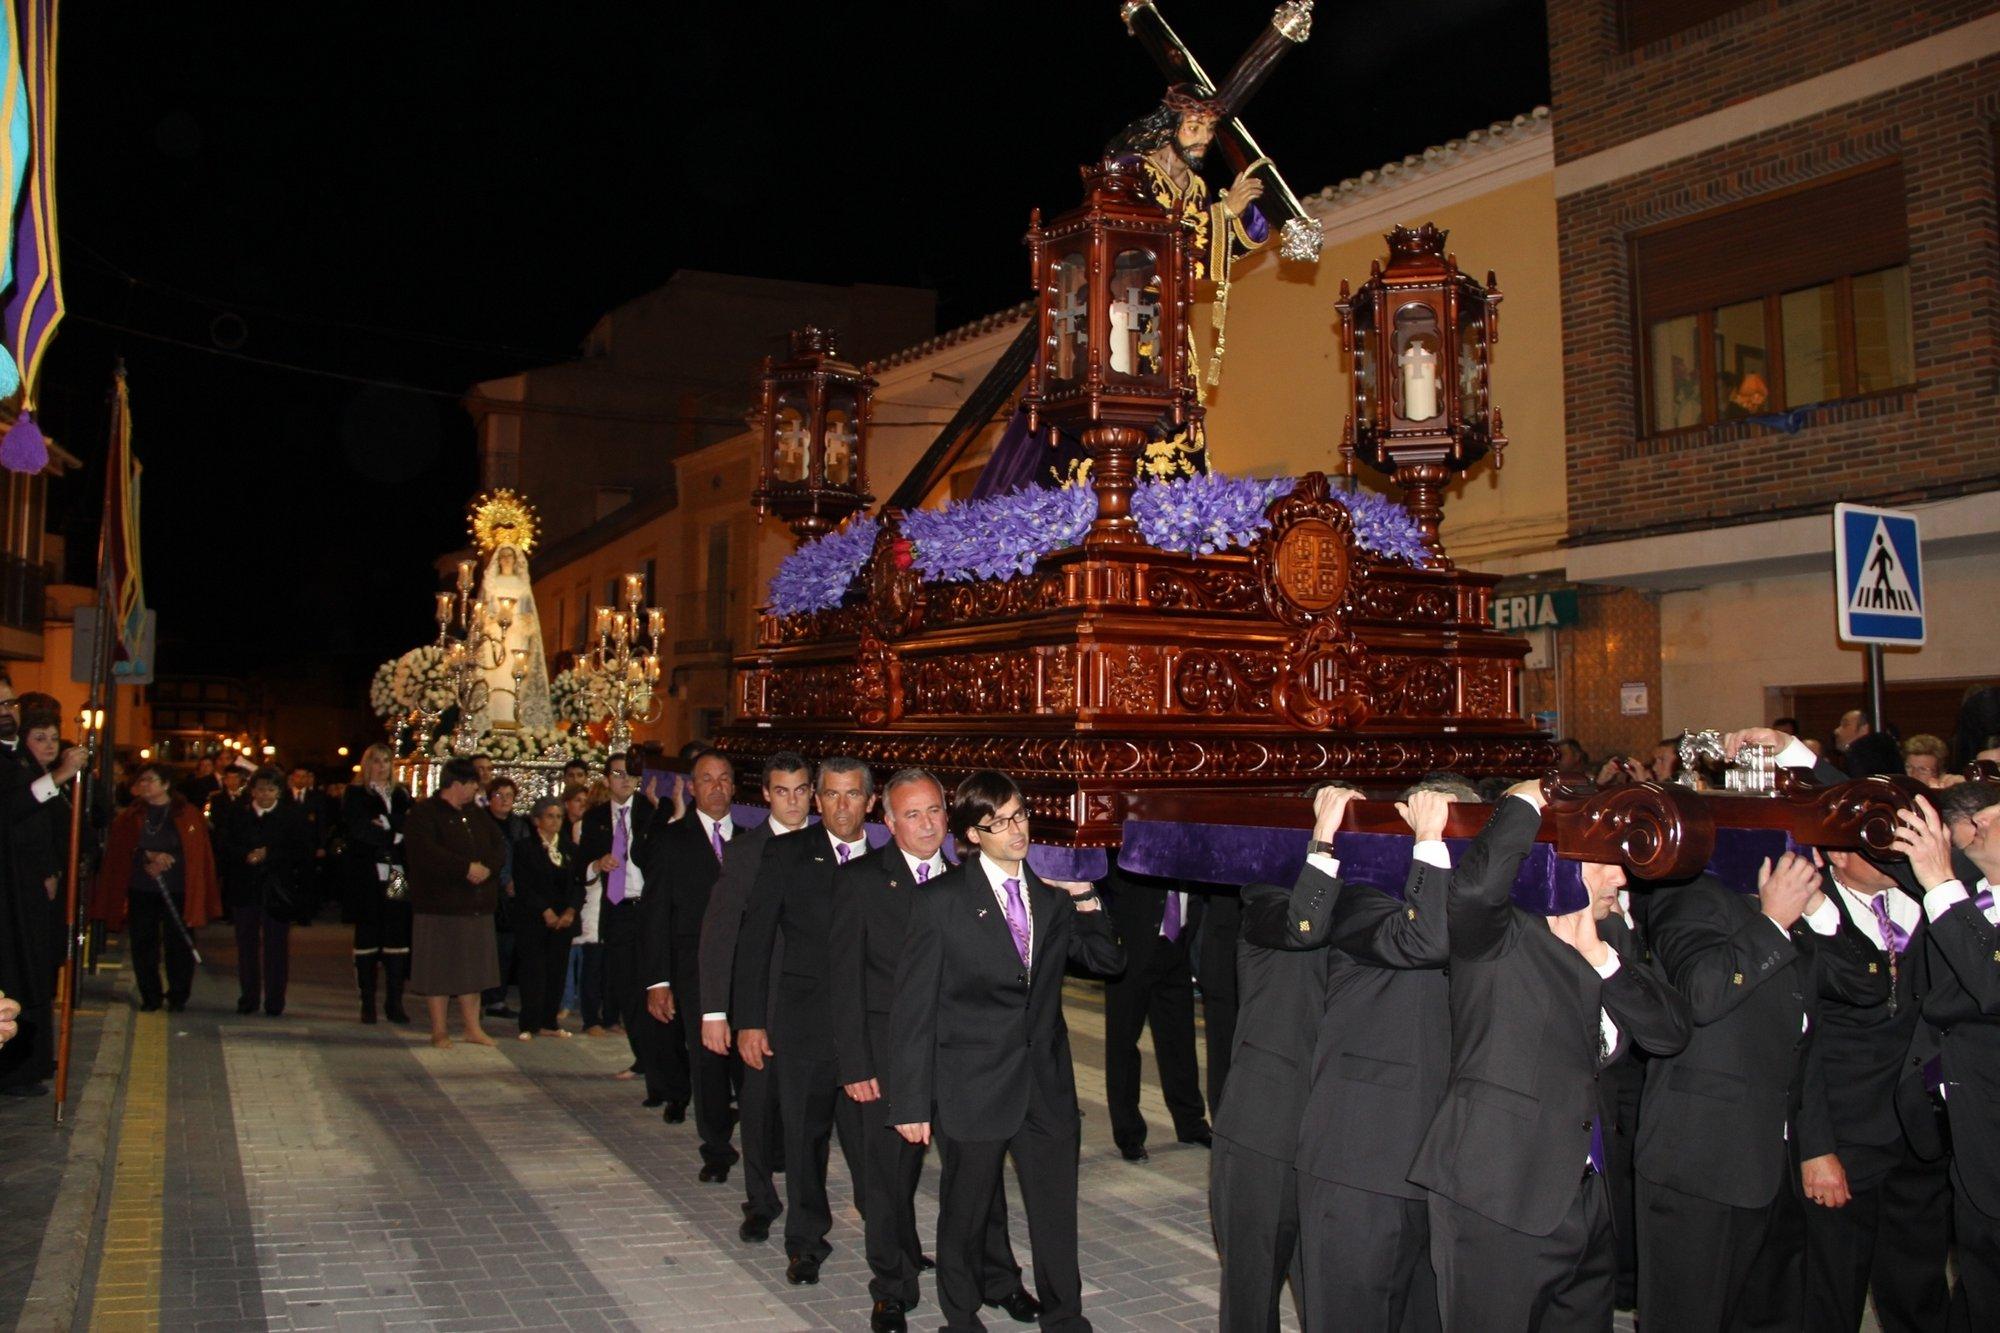 El Nazareno protagoniza la noche de Miércoles Santo en el municipio de Puerto Lumbreras